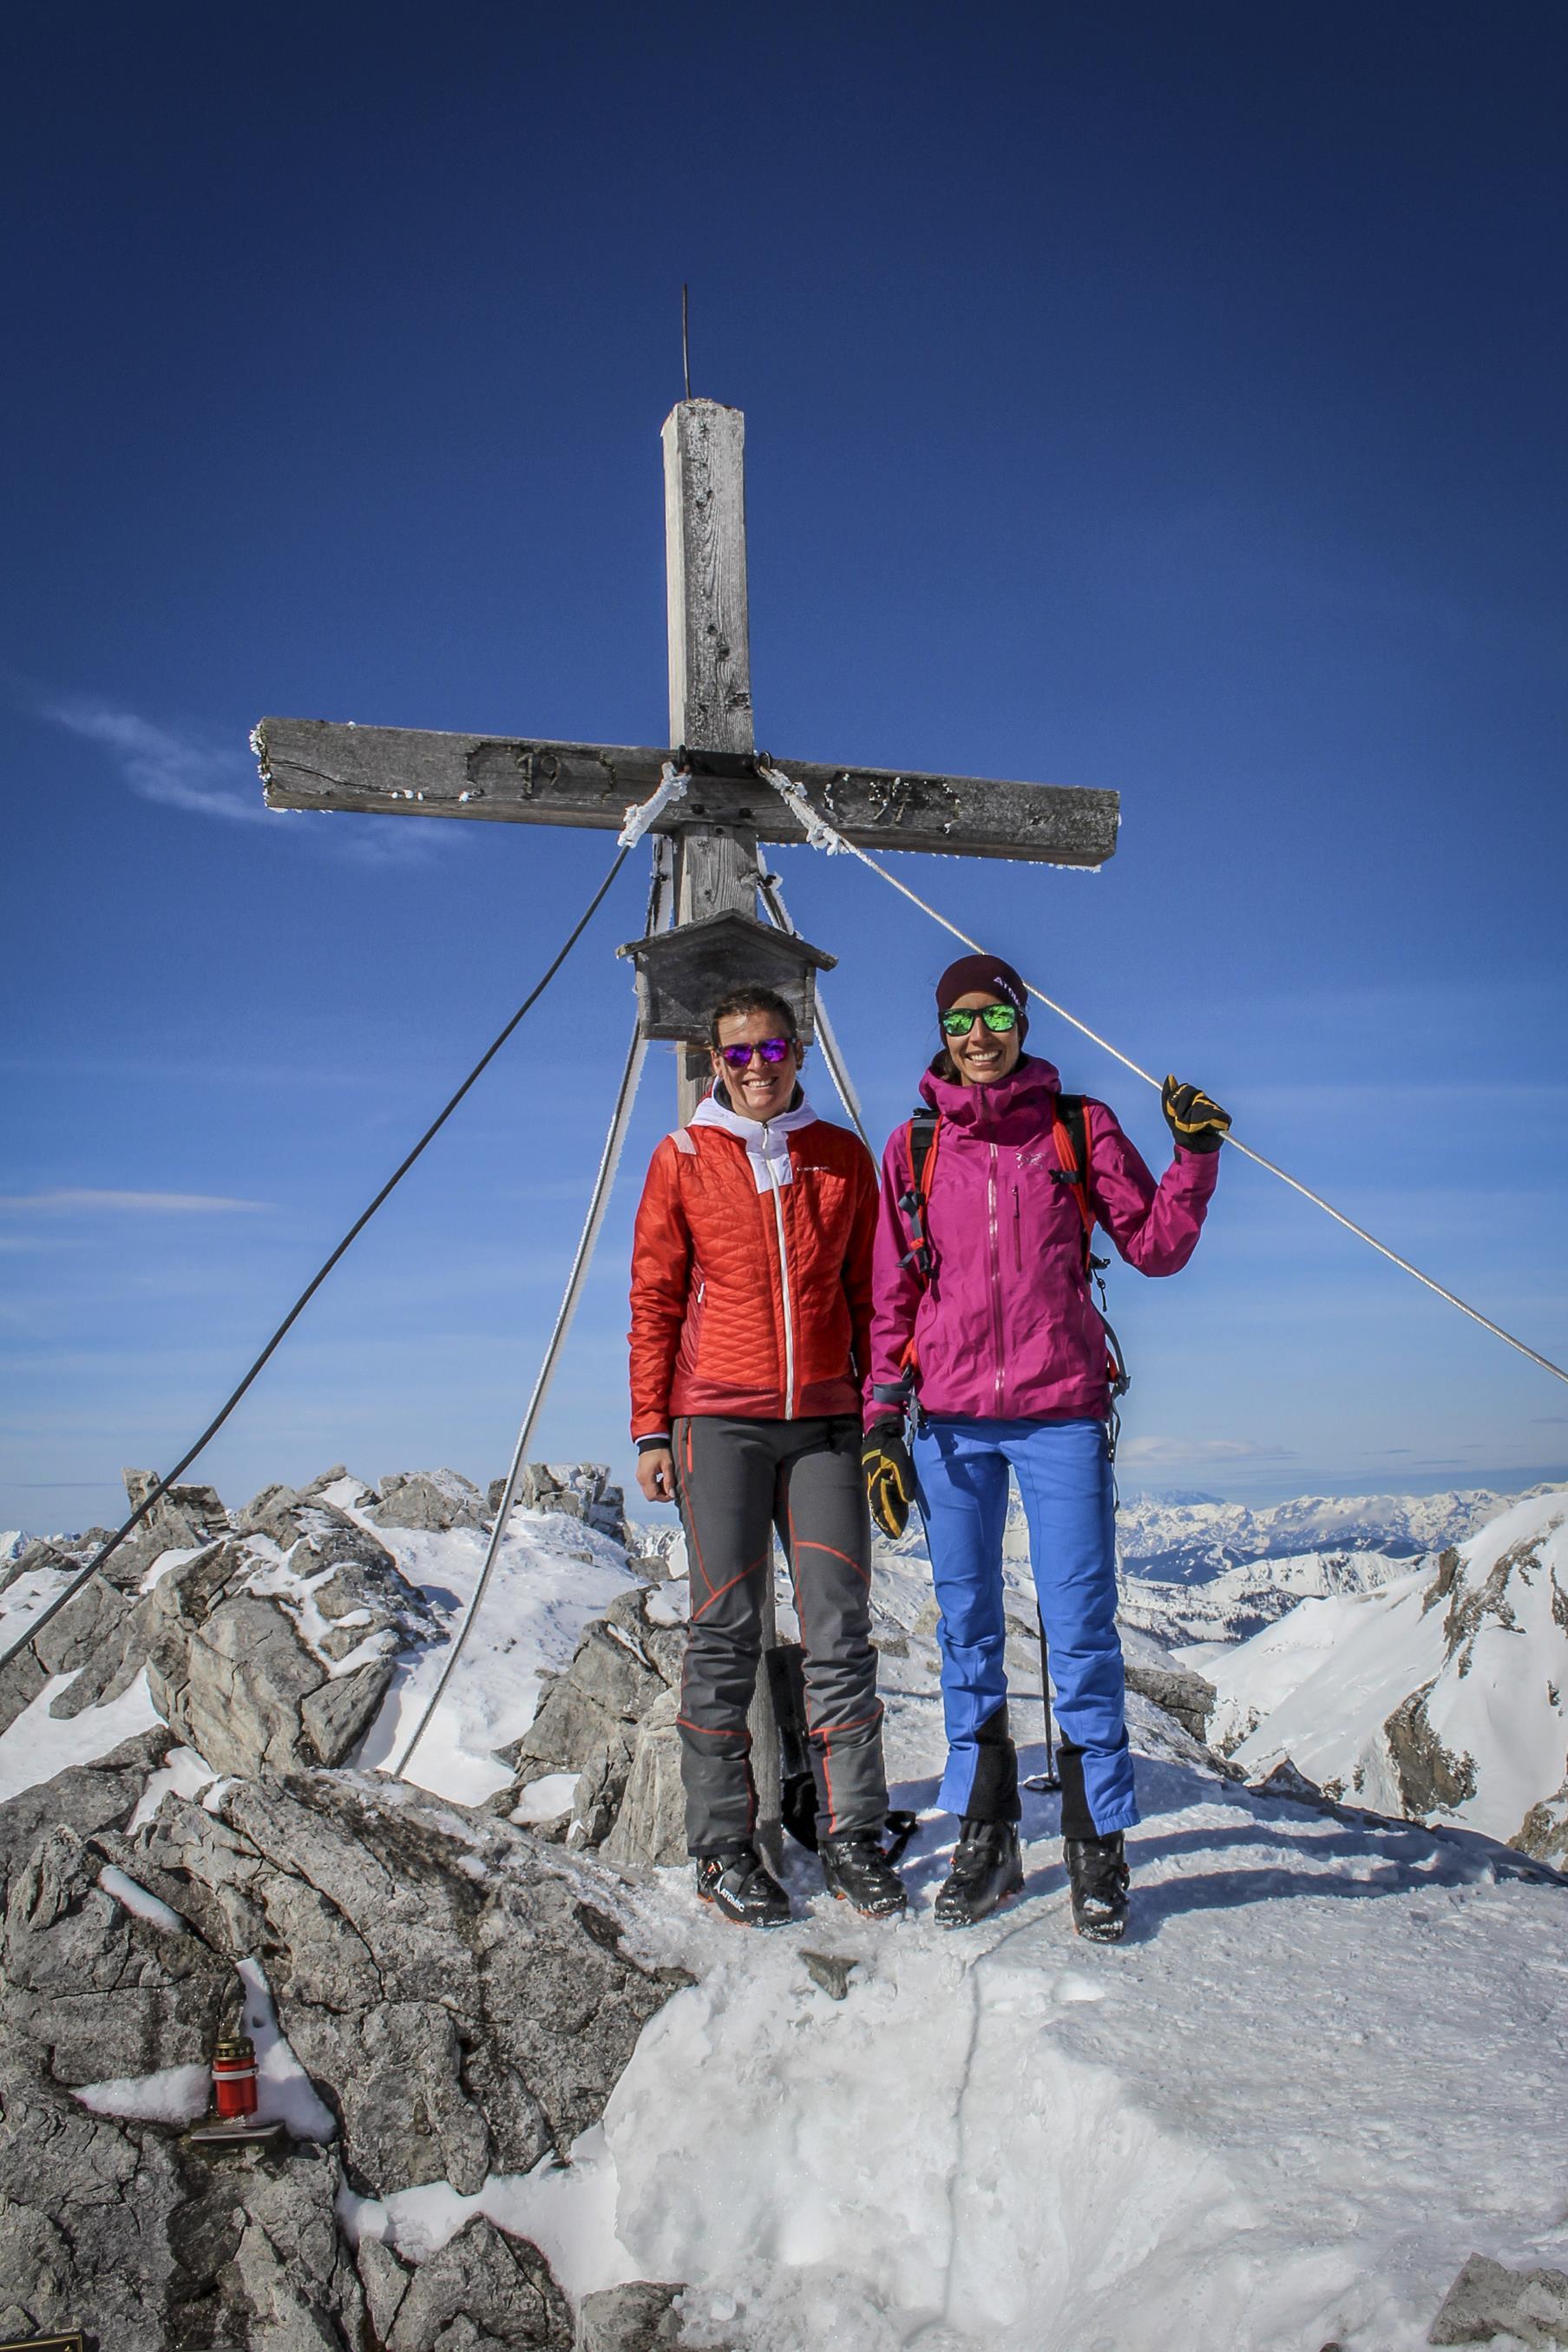 Große Kesselspitze Skitour Obertauern